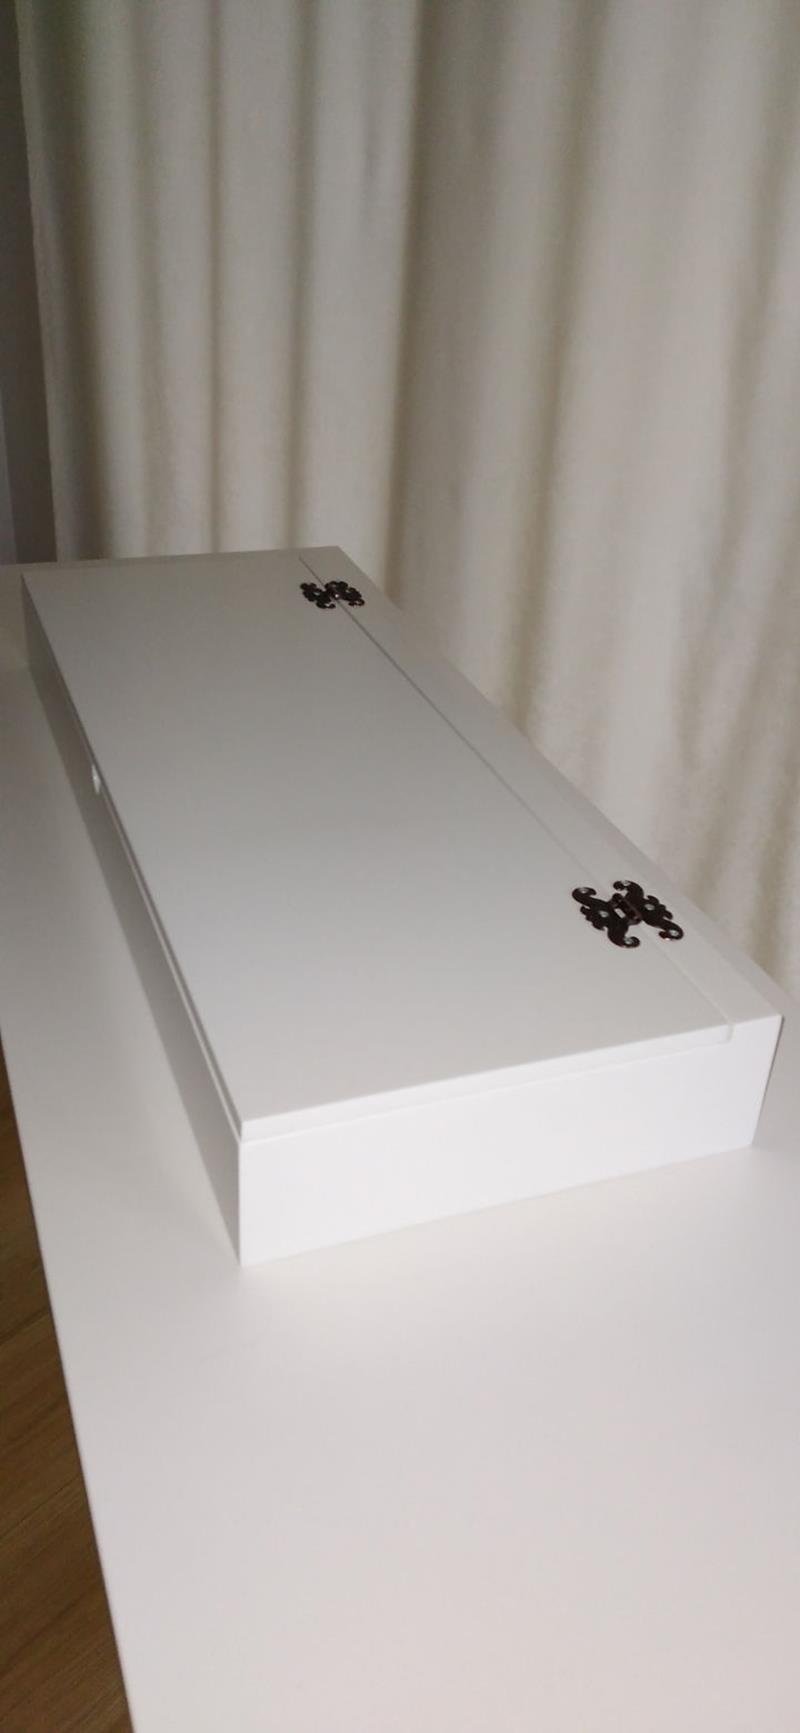 Ipek mat lake takı hobi kutusu resmi